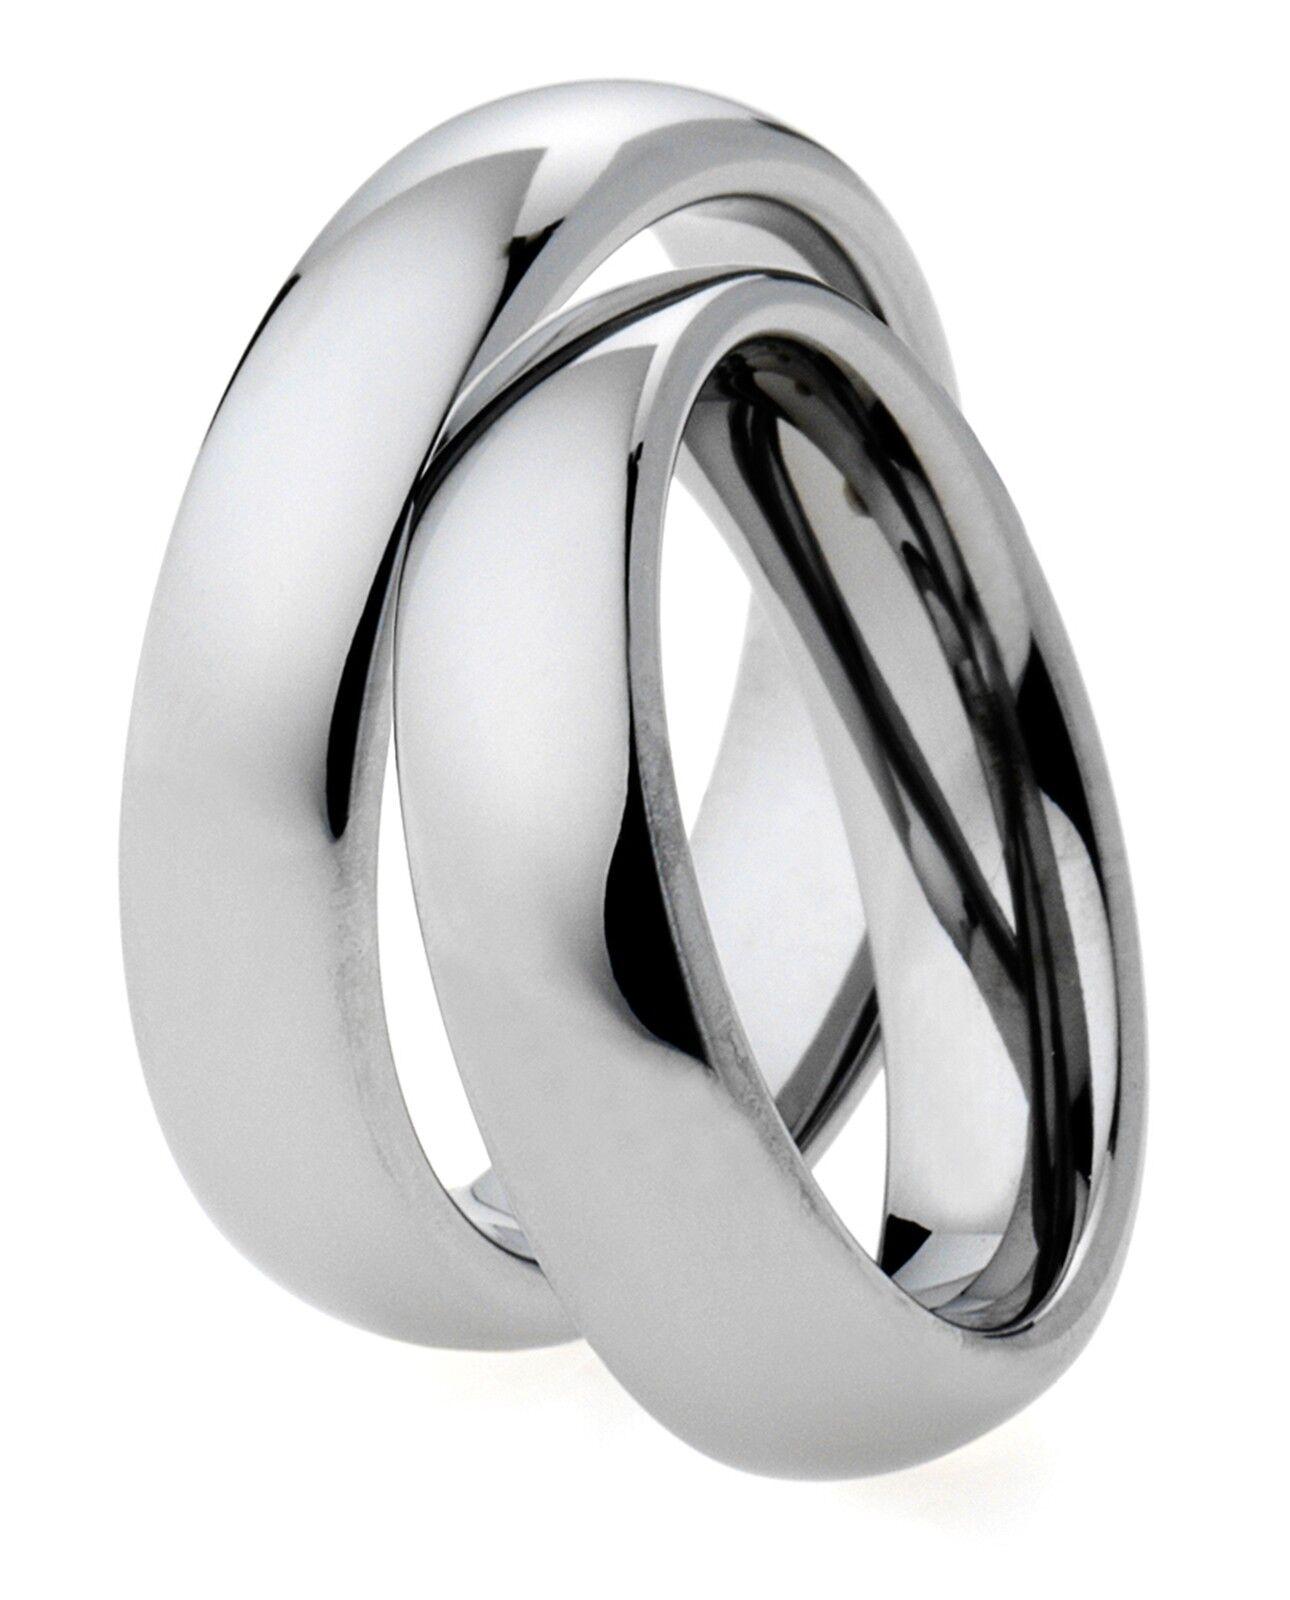 2 Wolfram Anelli di fidanzamento fedi fedi fedi nuziali 6 MM argentoO LUCIDO & INCISIONE a87648